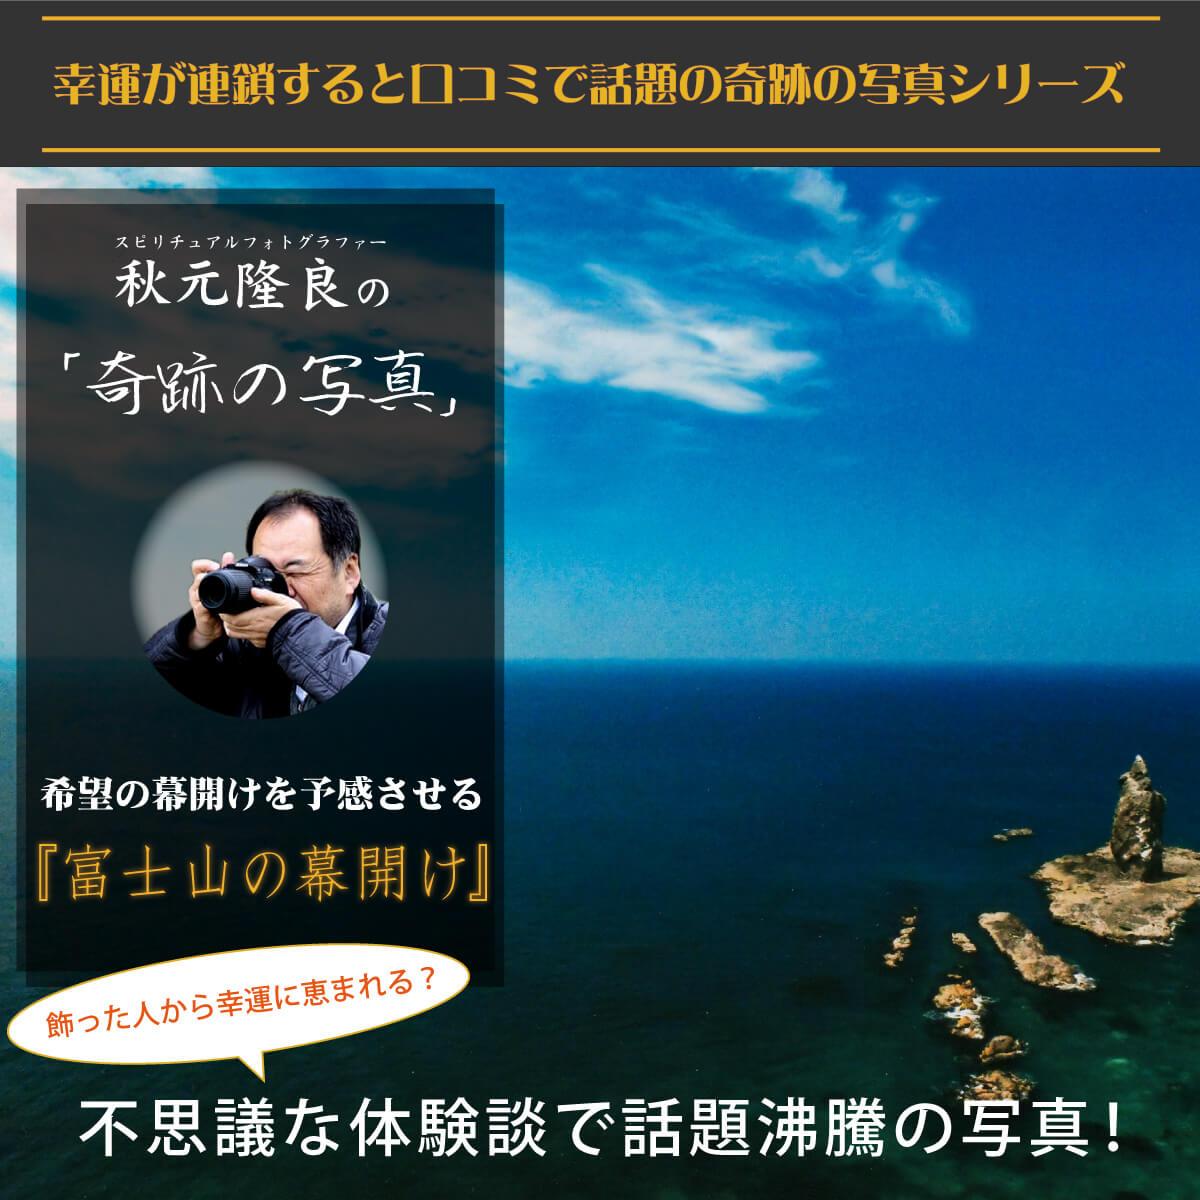 【奇跡の写真】カムイの空 ≫飾るだけで幸運が連鎖すると話題!秋元隆良の開運フォト作品 開運グッズ